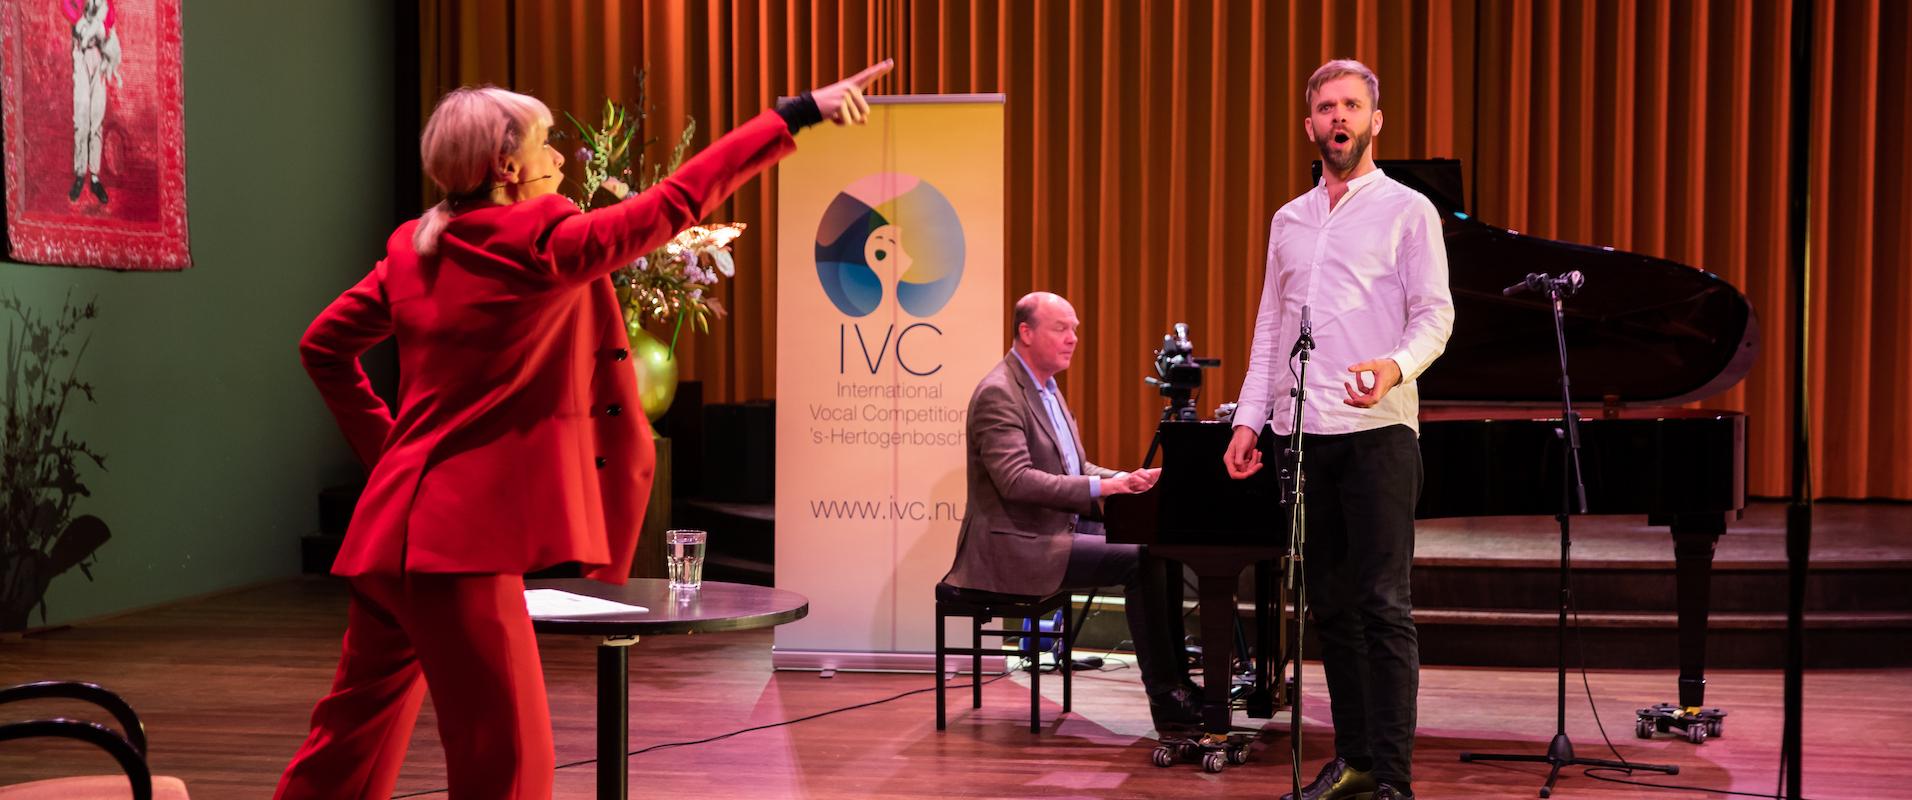 Internationaal Vocalisten Concours